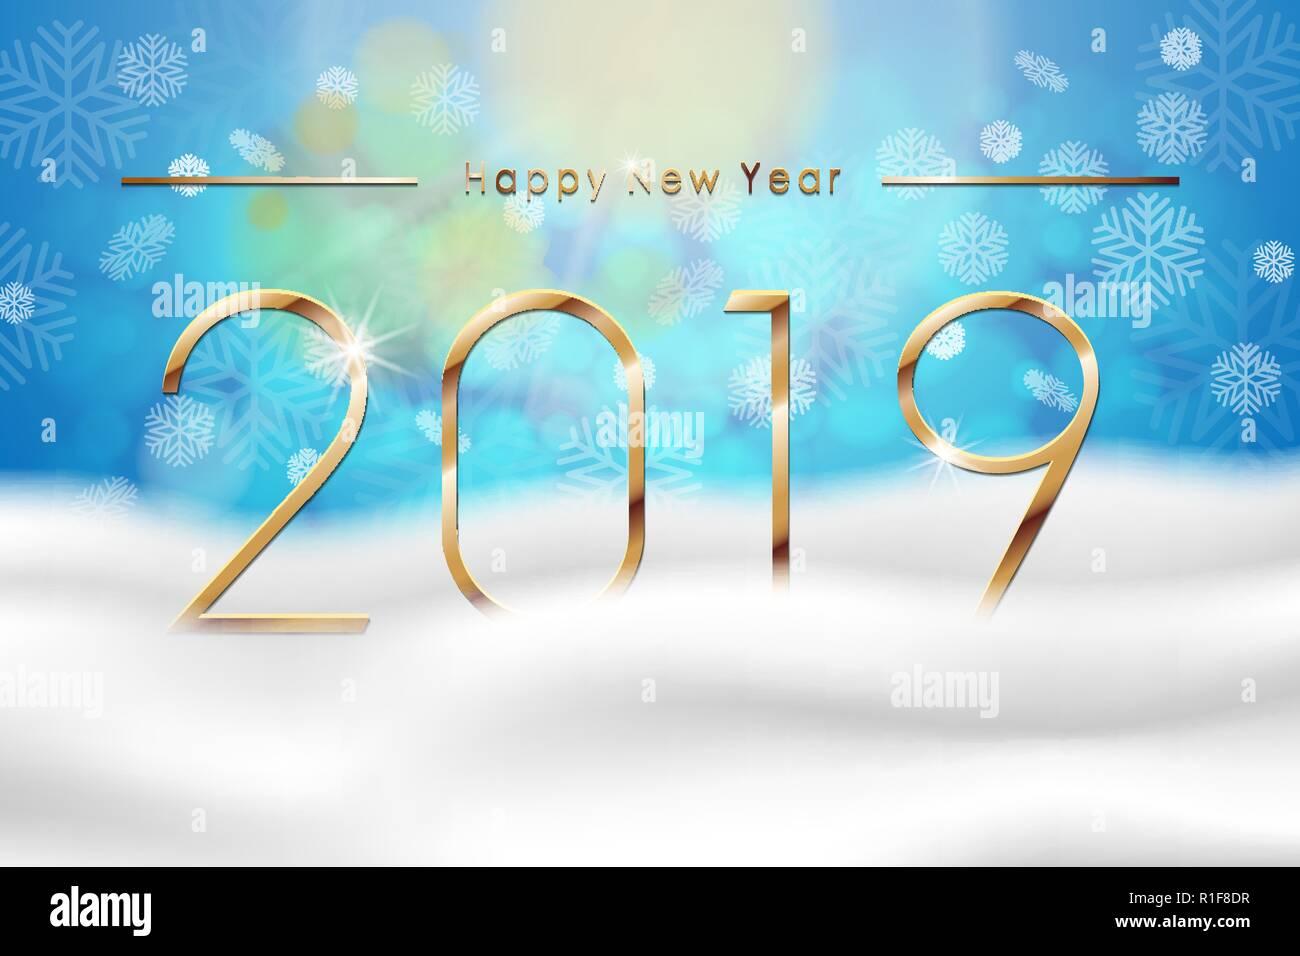 Astratto Sfondo Pallavolo Disegno Vettoriale: Felice Anno Nuovo 2019 Con Blu Di Sfondo Inverno Con La